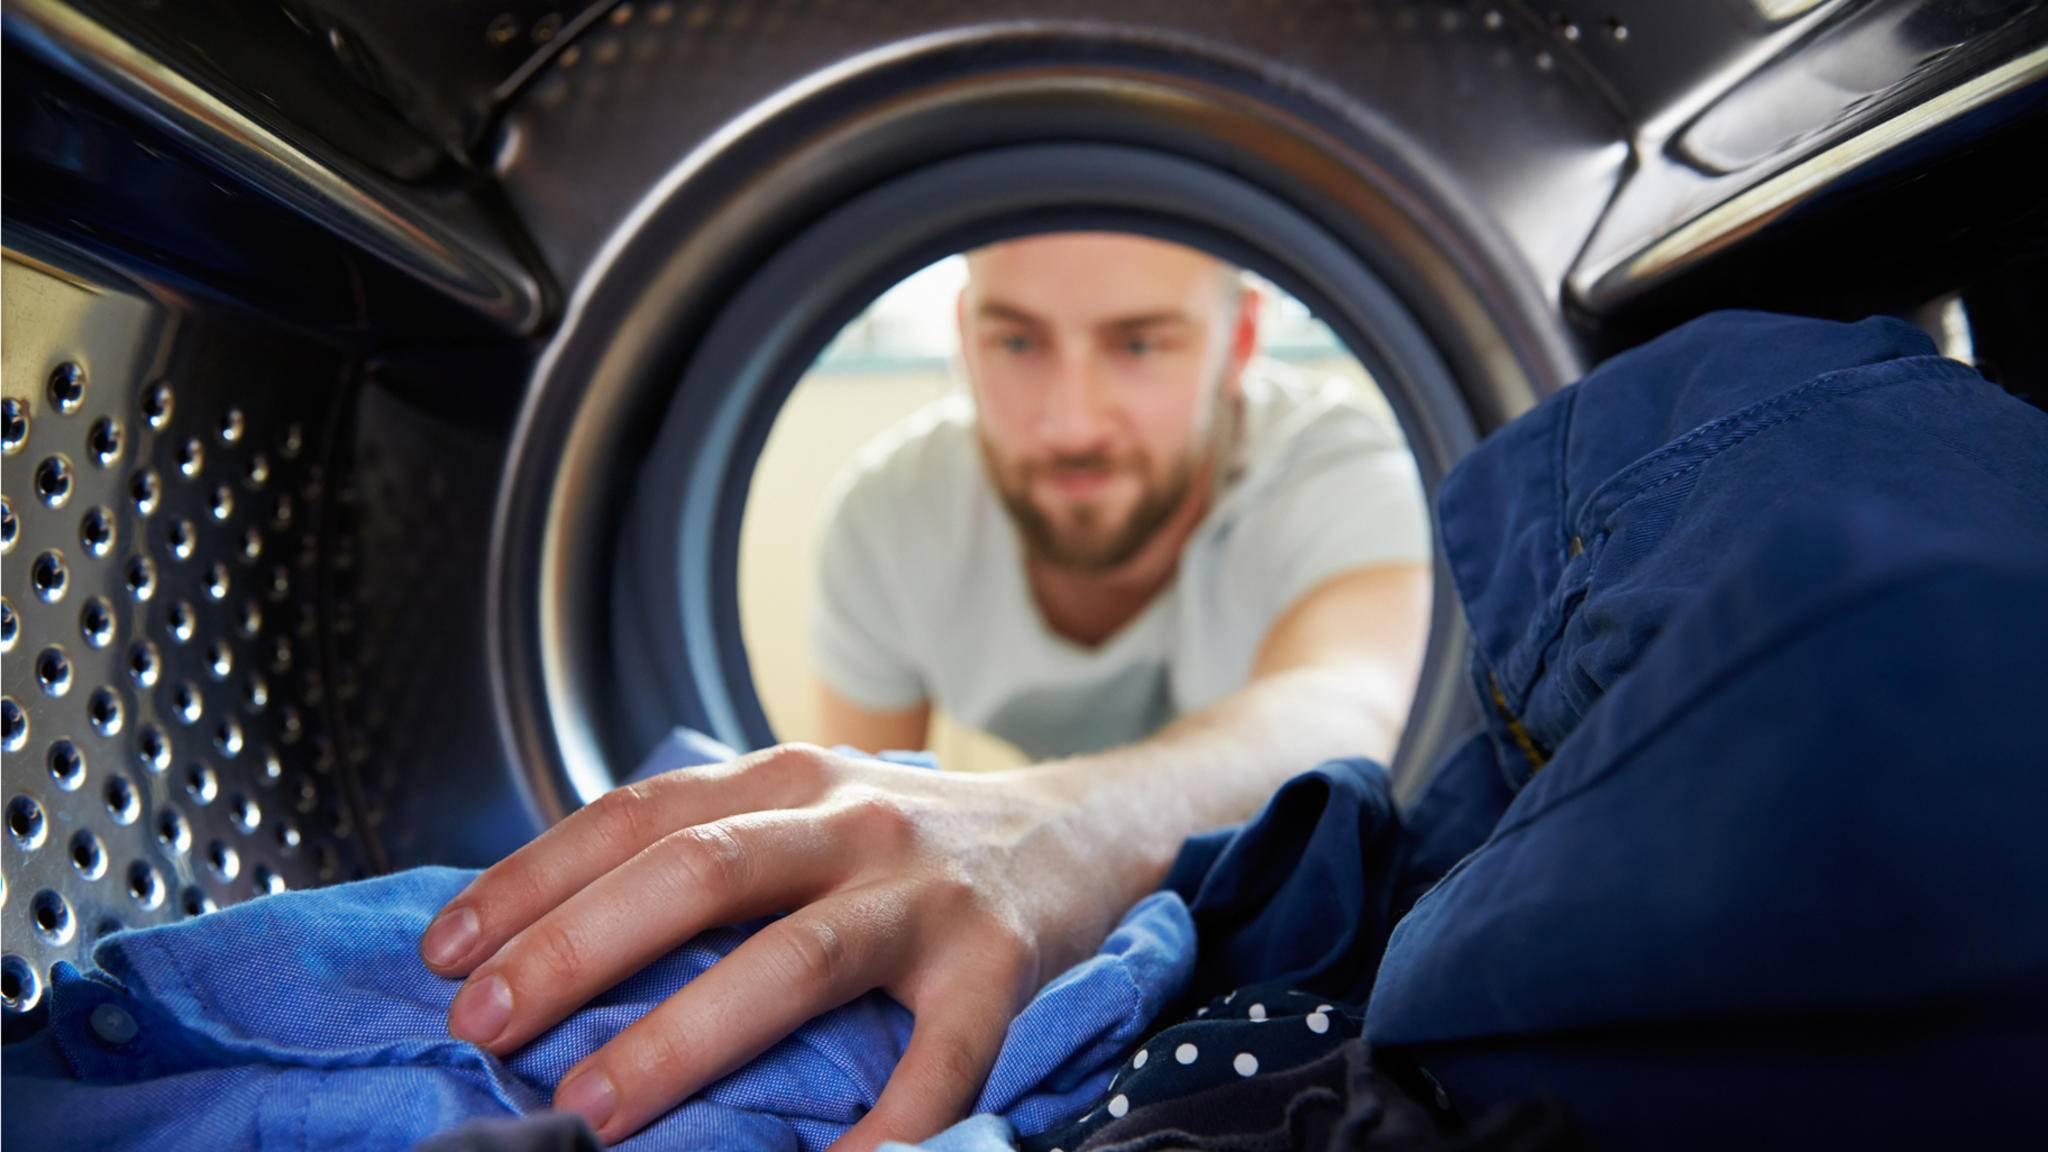 Die Waschmaschine ist nur eine Möglichkeit, Wäsche zu waschen.